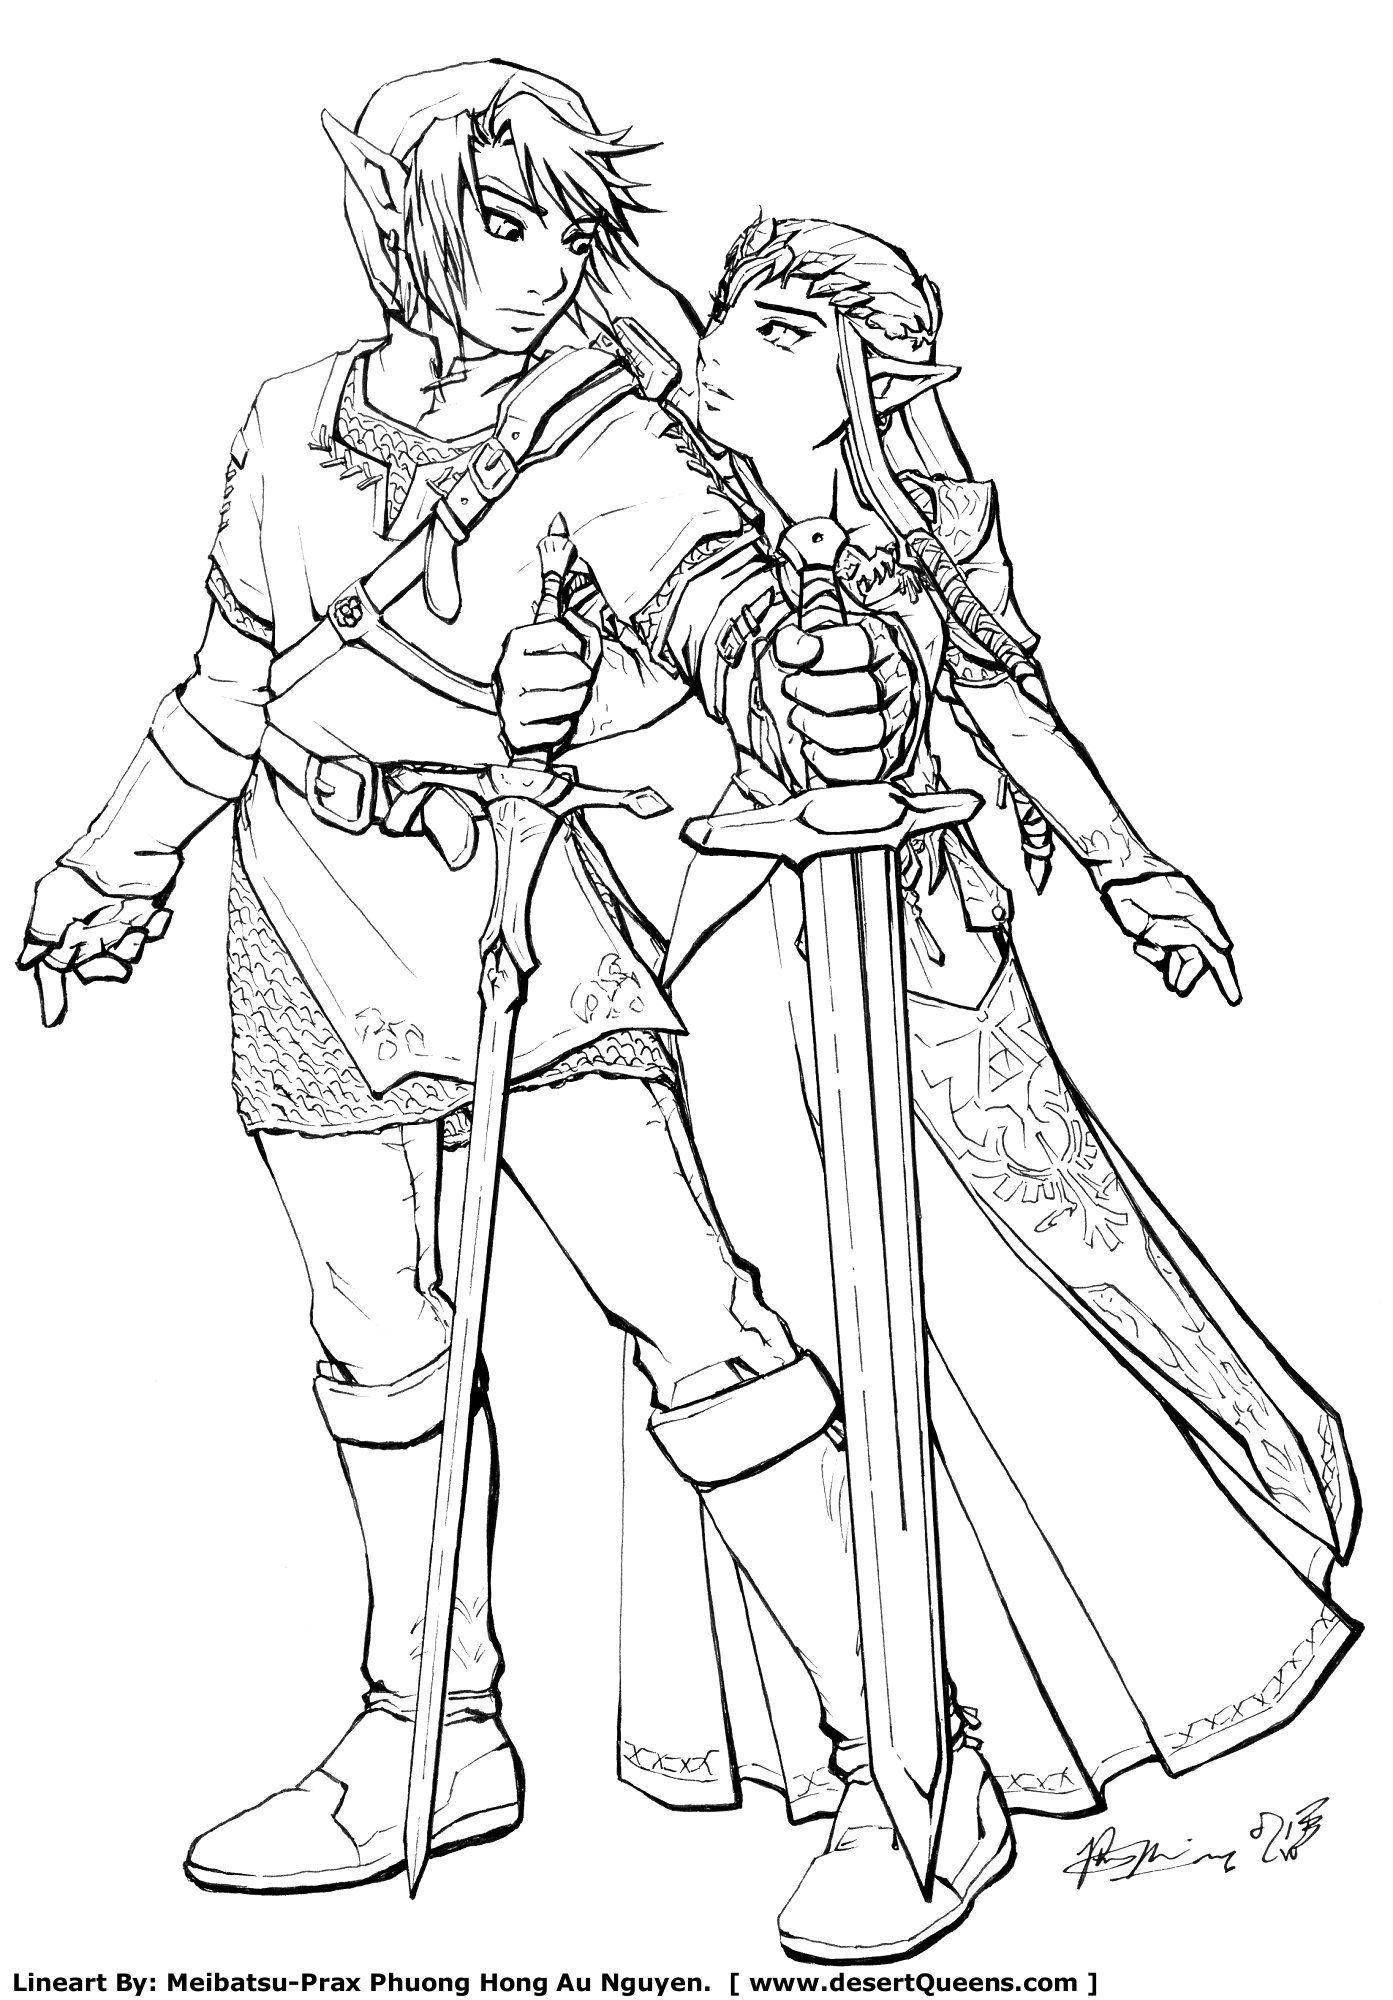 zelda coloring pages  link and zeldameibatsu fan art